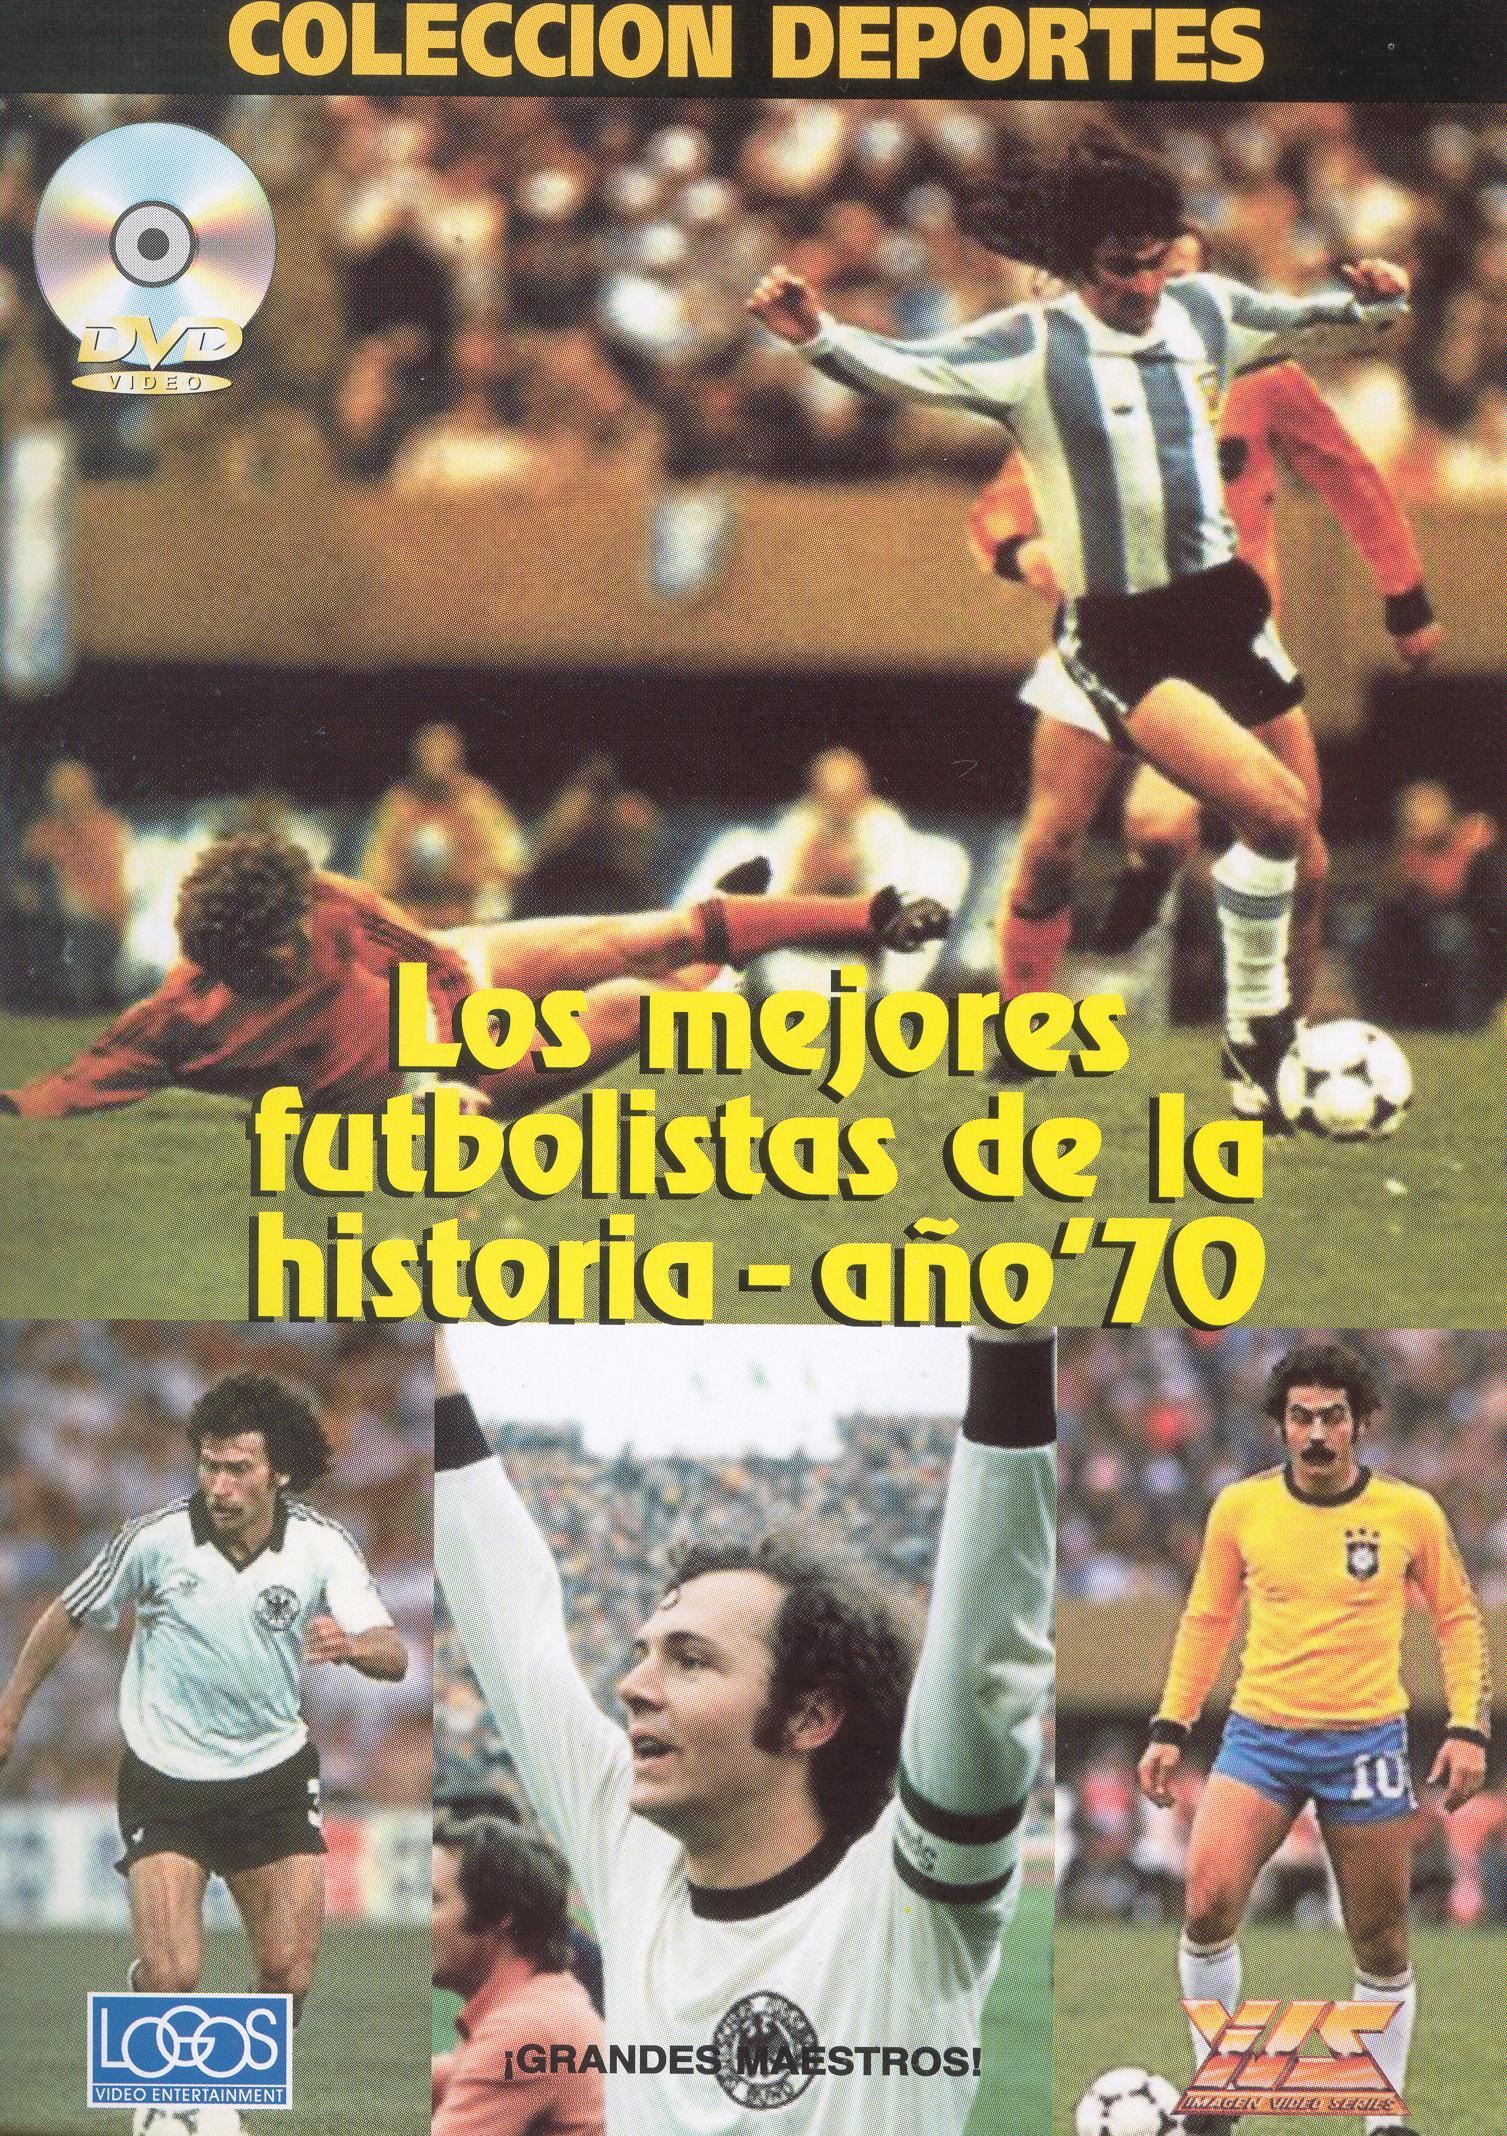 Los Mejores Futbolistas de la Historia - Ano '70